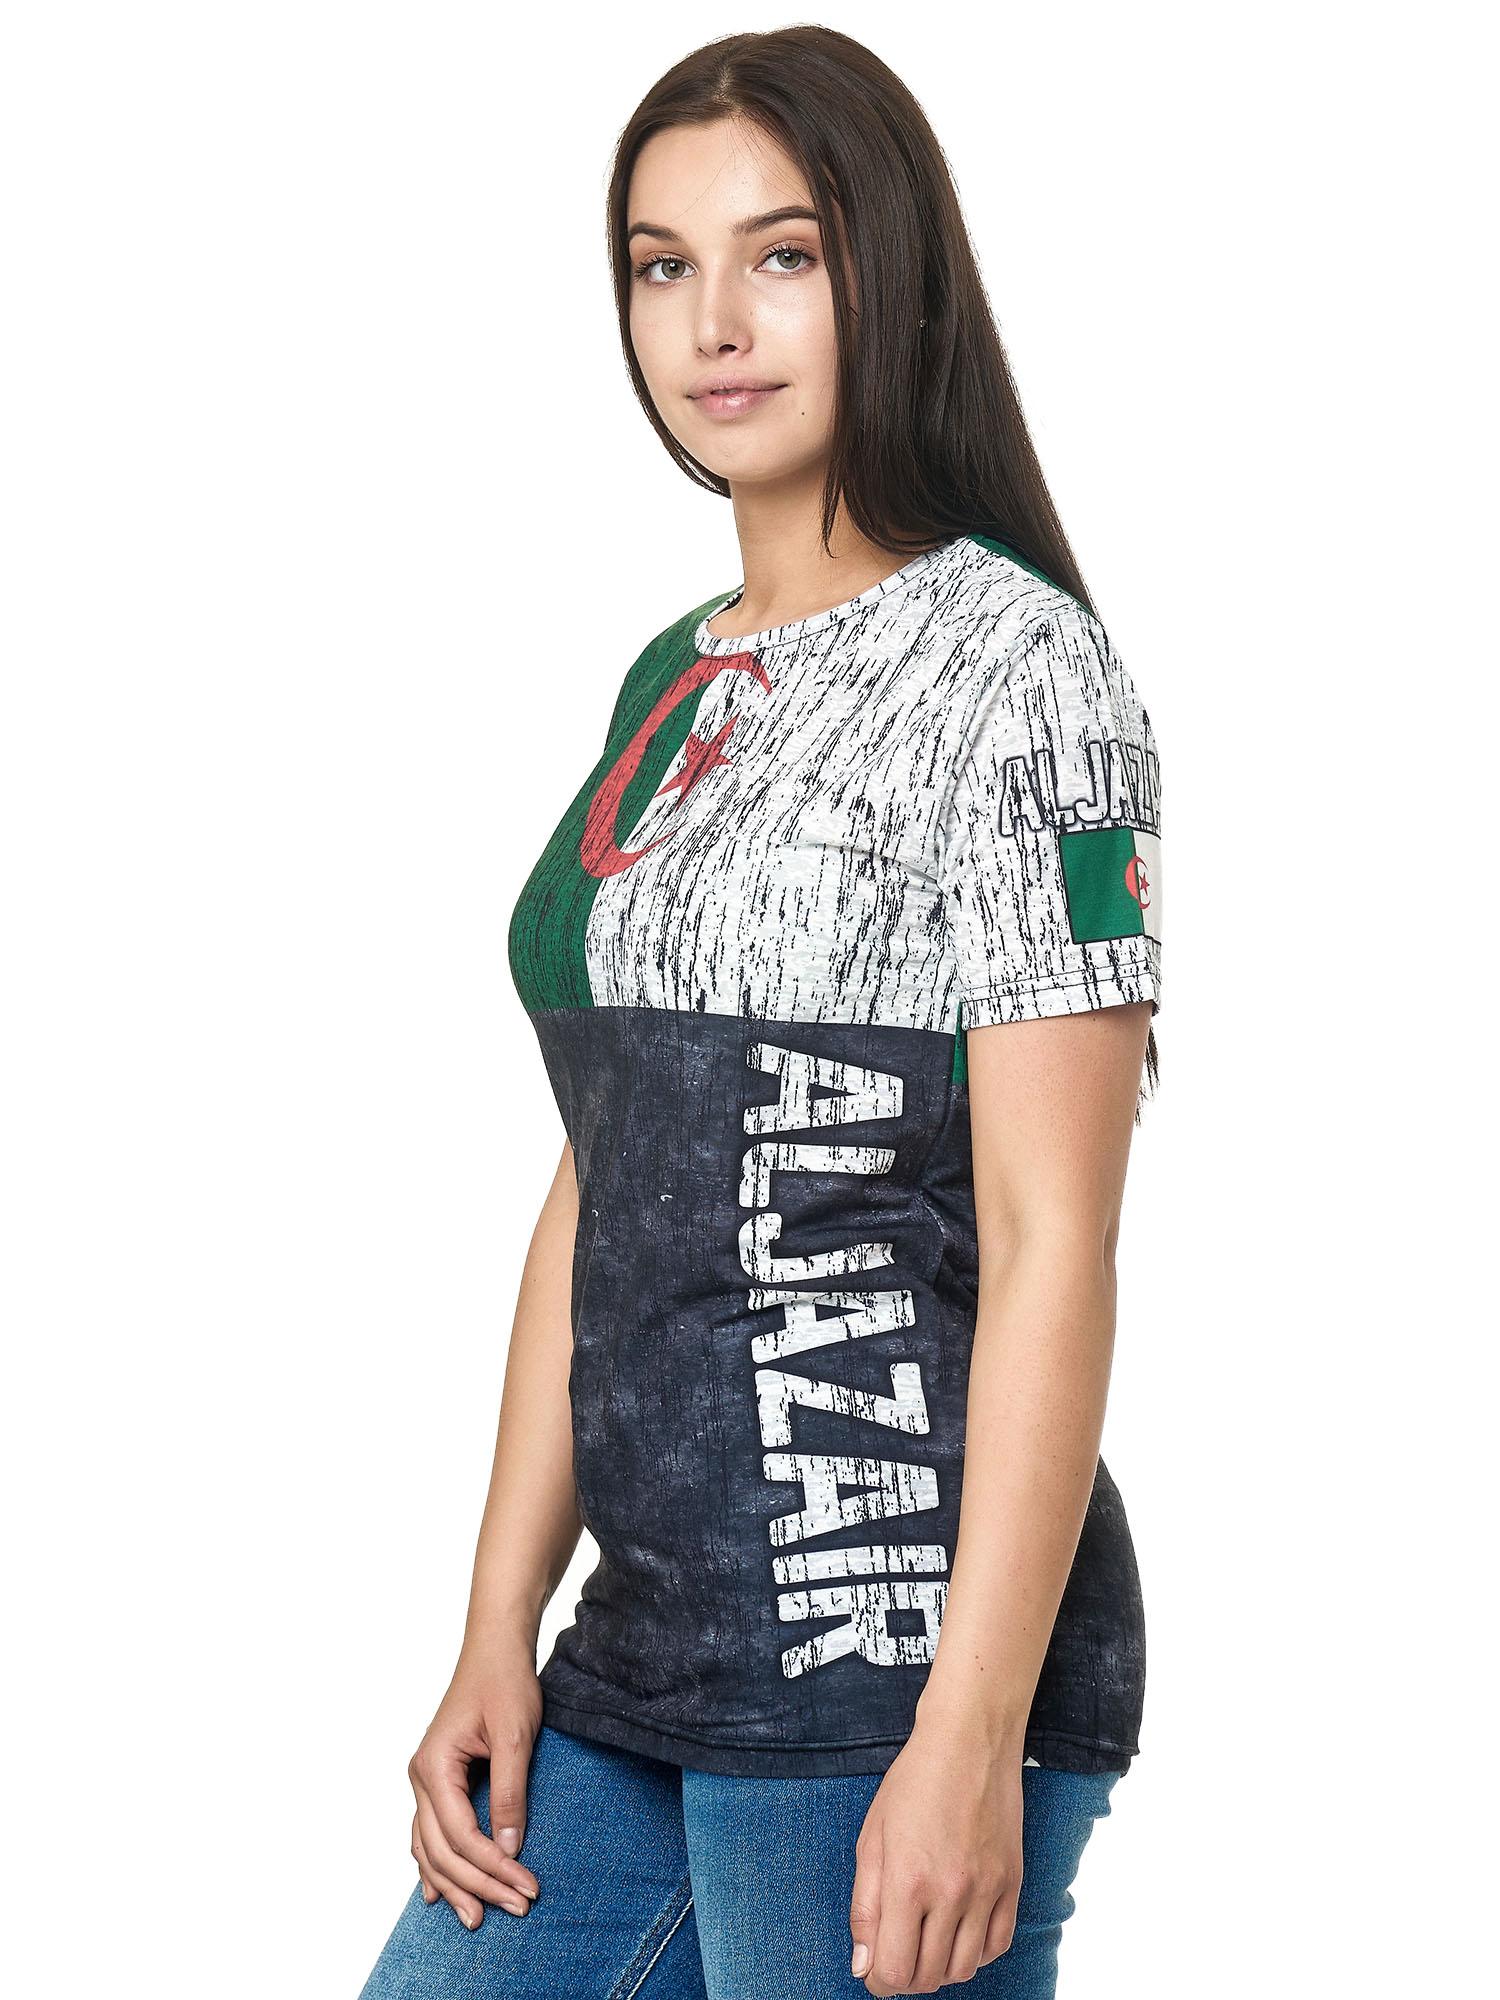 Paesi-da-Donna-T-shirt-A-Maniche-Corte-Girocollo-donne-CALCIO-Fanshirt-John-Kayna miniatura 33